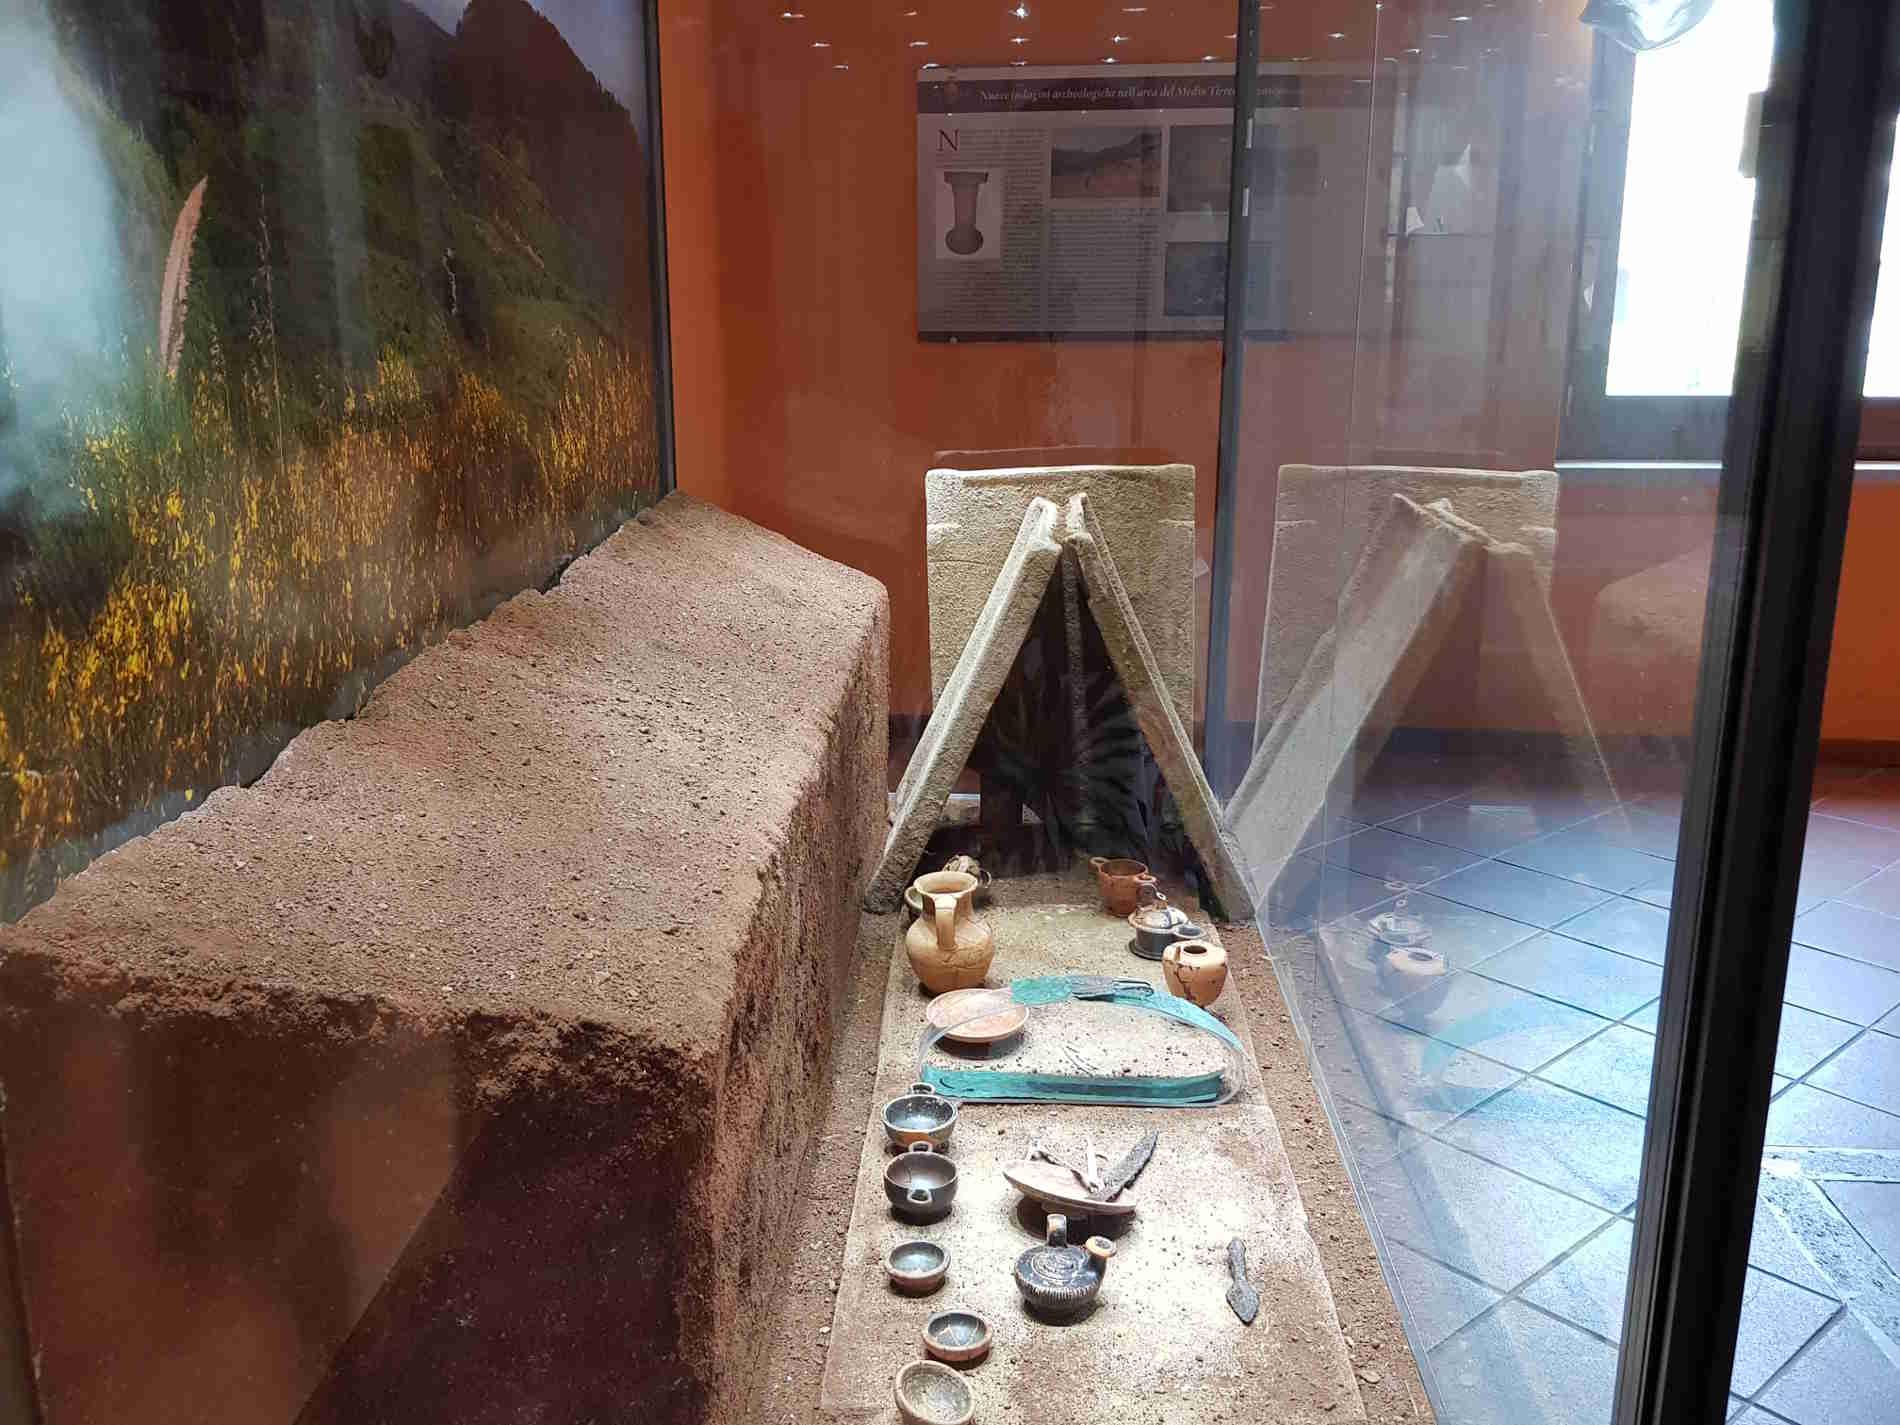 La tomba Brettia e i corredi funerari in una tomba nella necropoli di Treselle di Cetraro Museo dei Brettii e del Mare a Cetraro